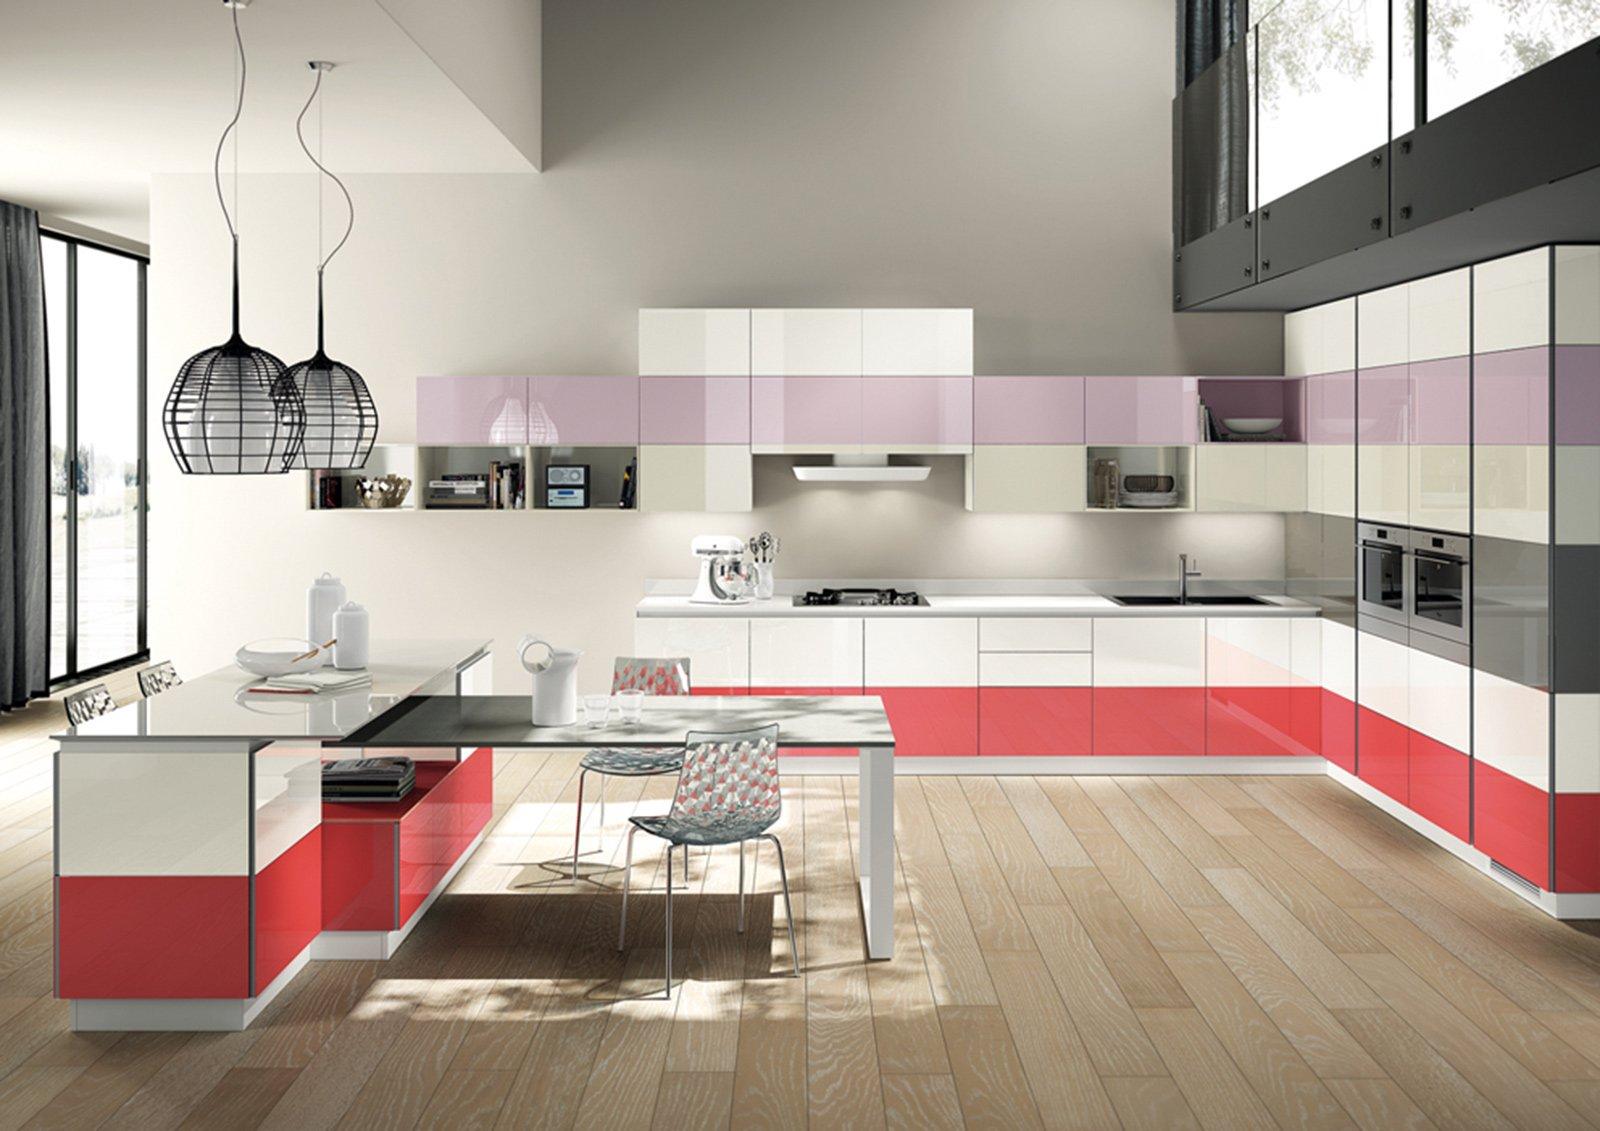 Vetro e colore per un ambiente contemporaneo cose di casa for Cucine colorate